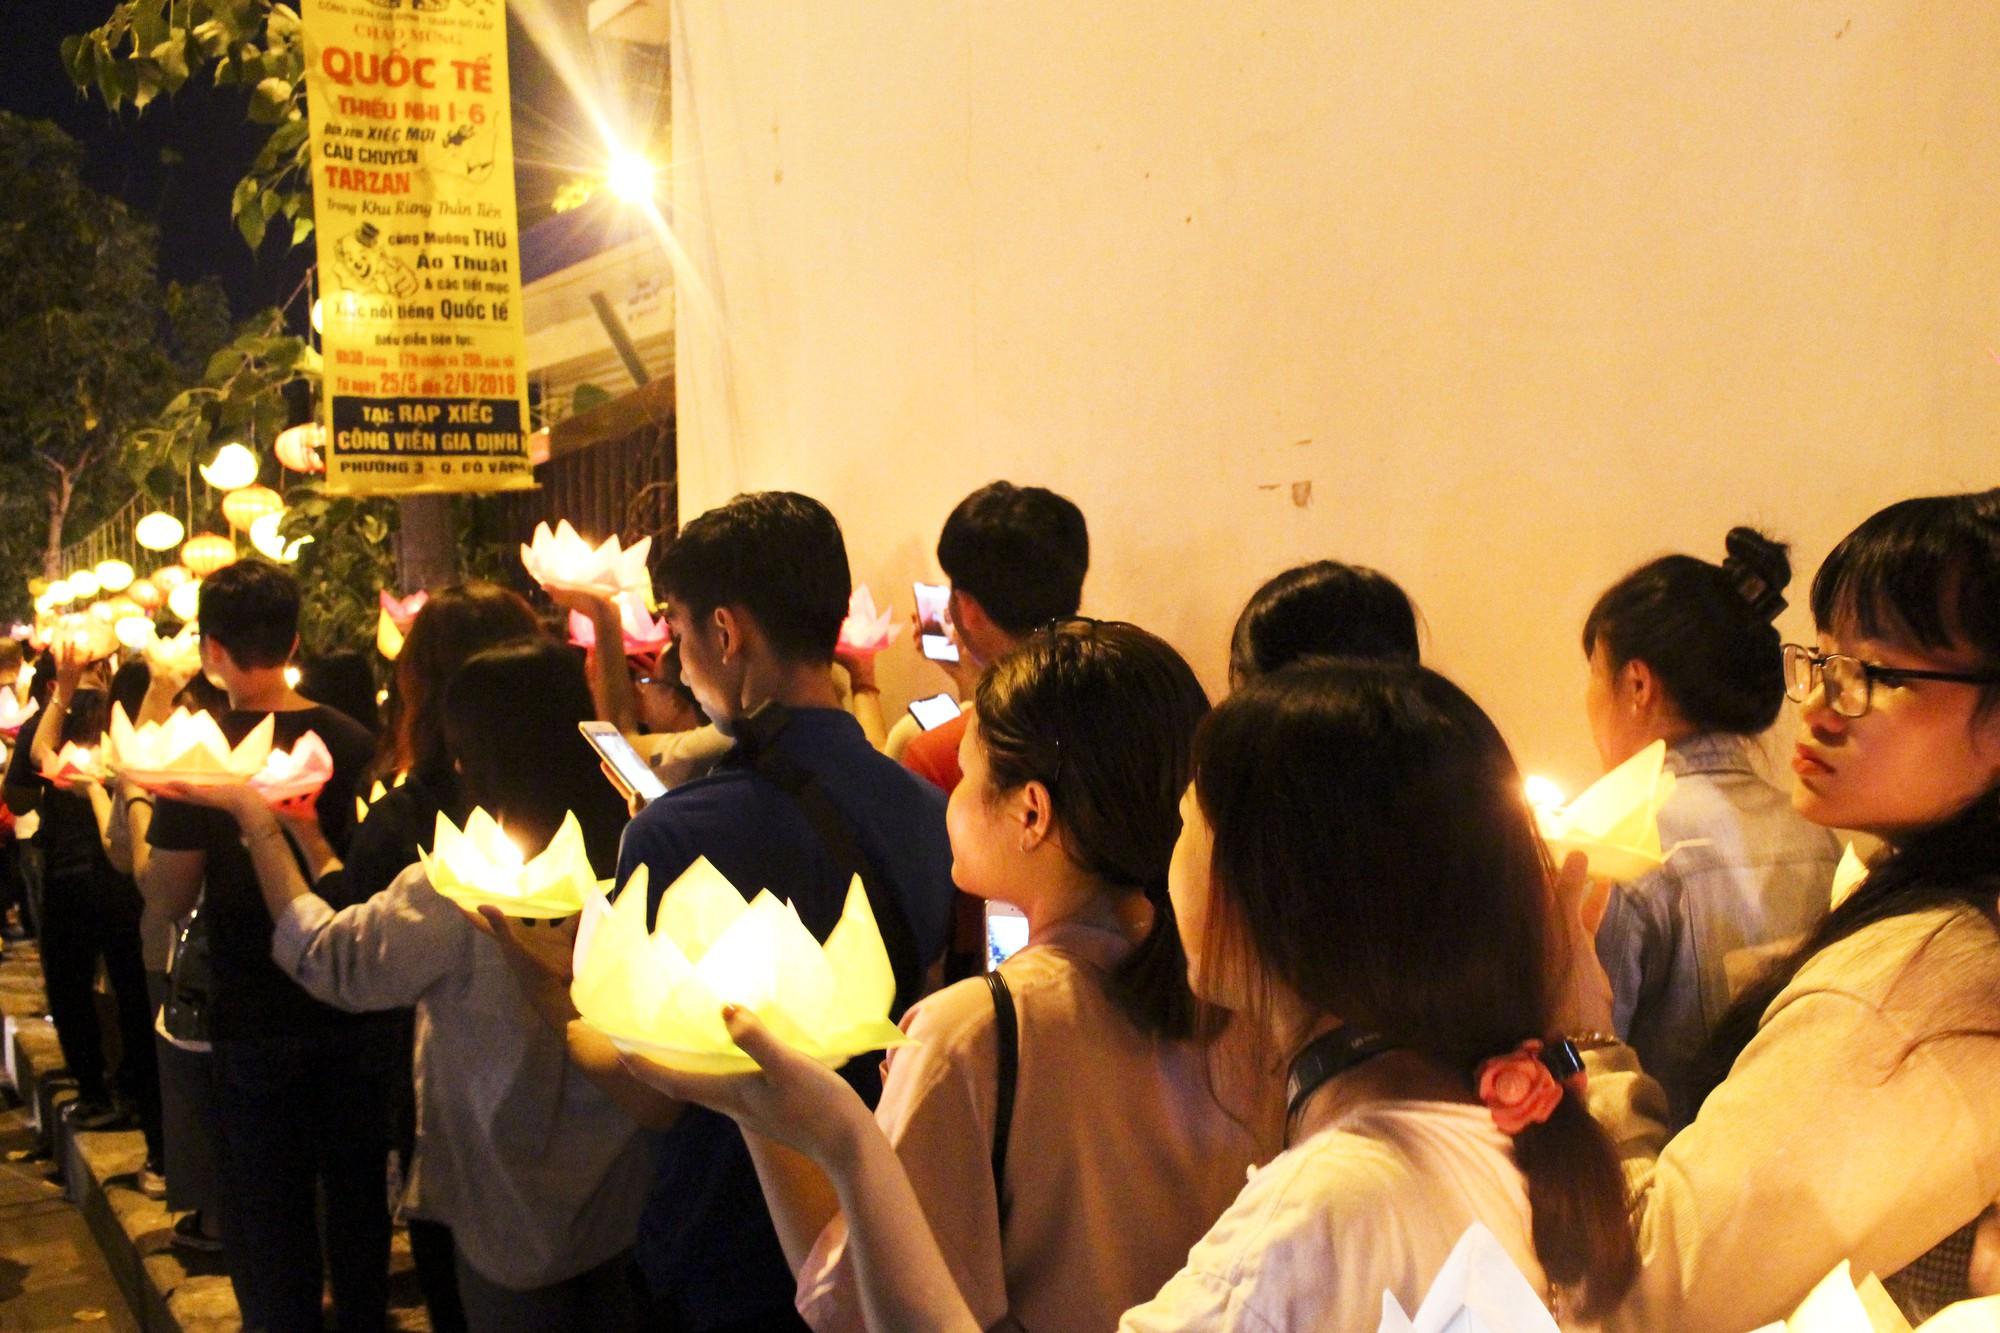 Chùa Pháp Hoa lung linh ngọn đèn hoa đăng ngày lễ Phật Đản - Ảnh 8.